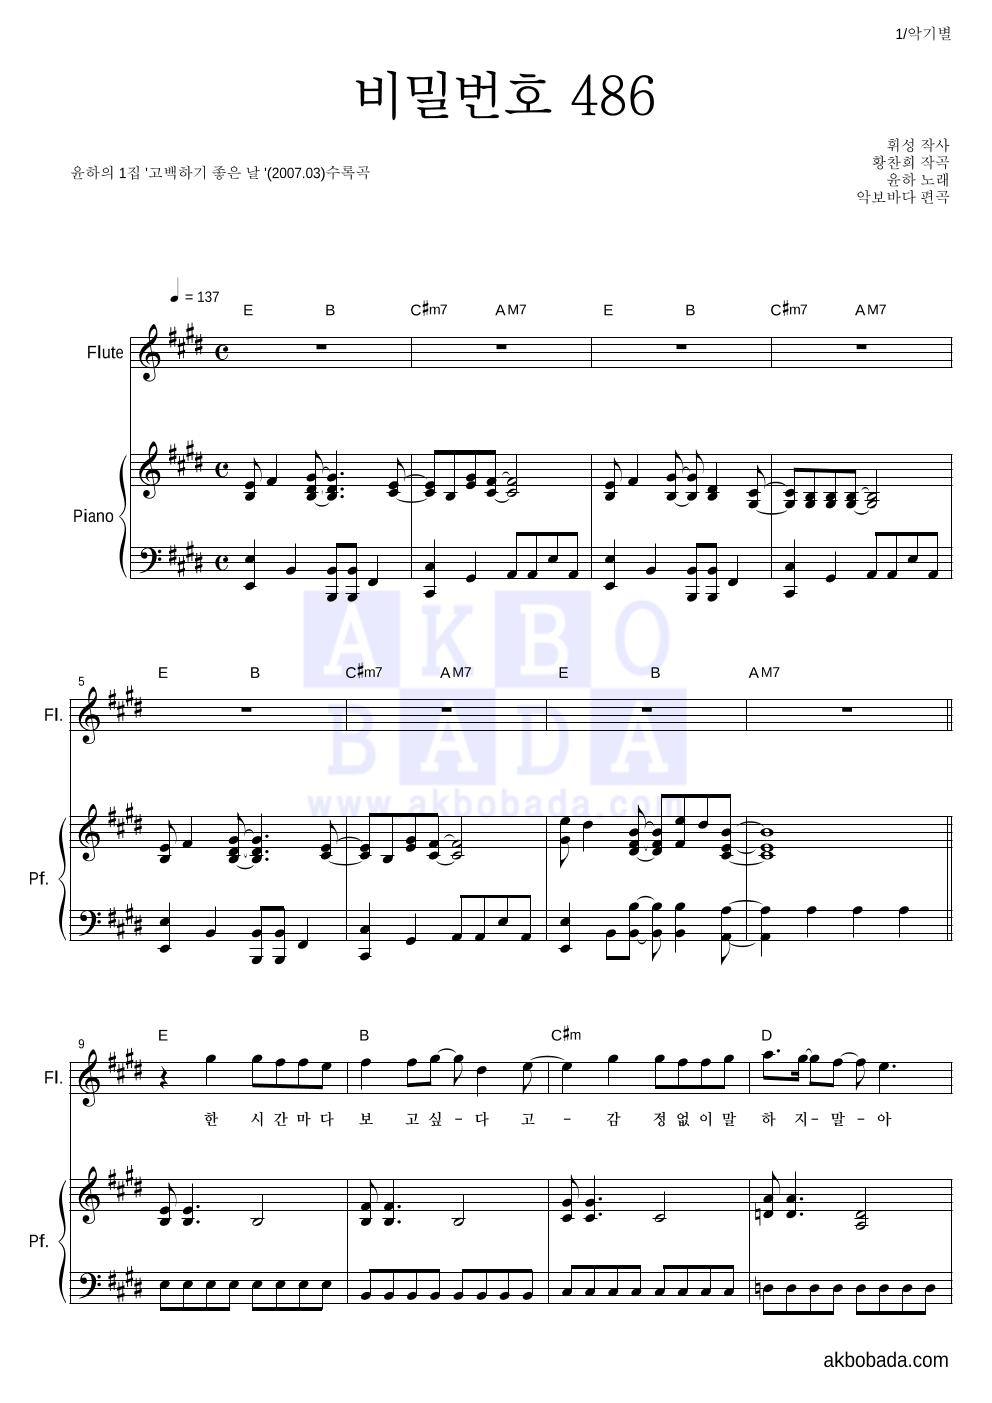 윤하 - 비밀번호 486 플룻&피아노 악보